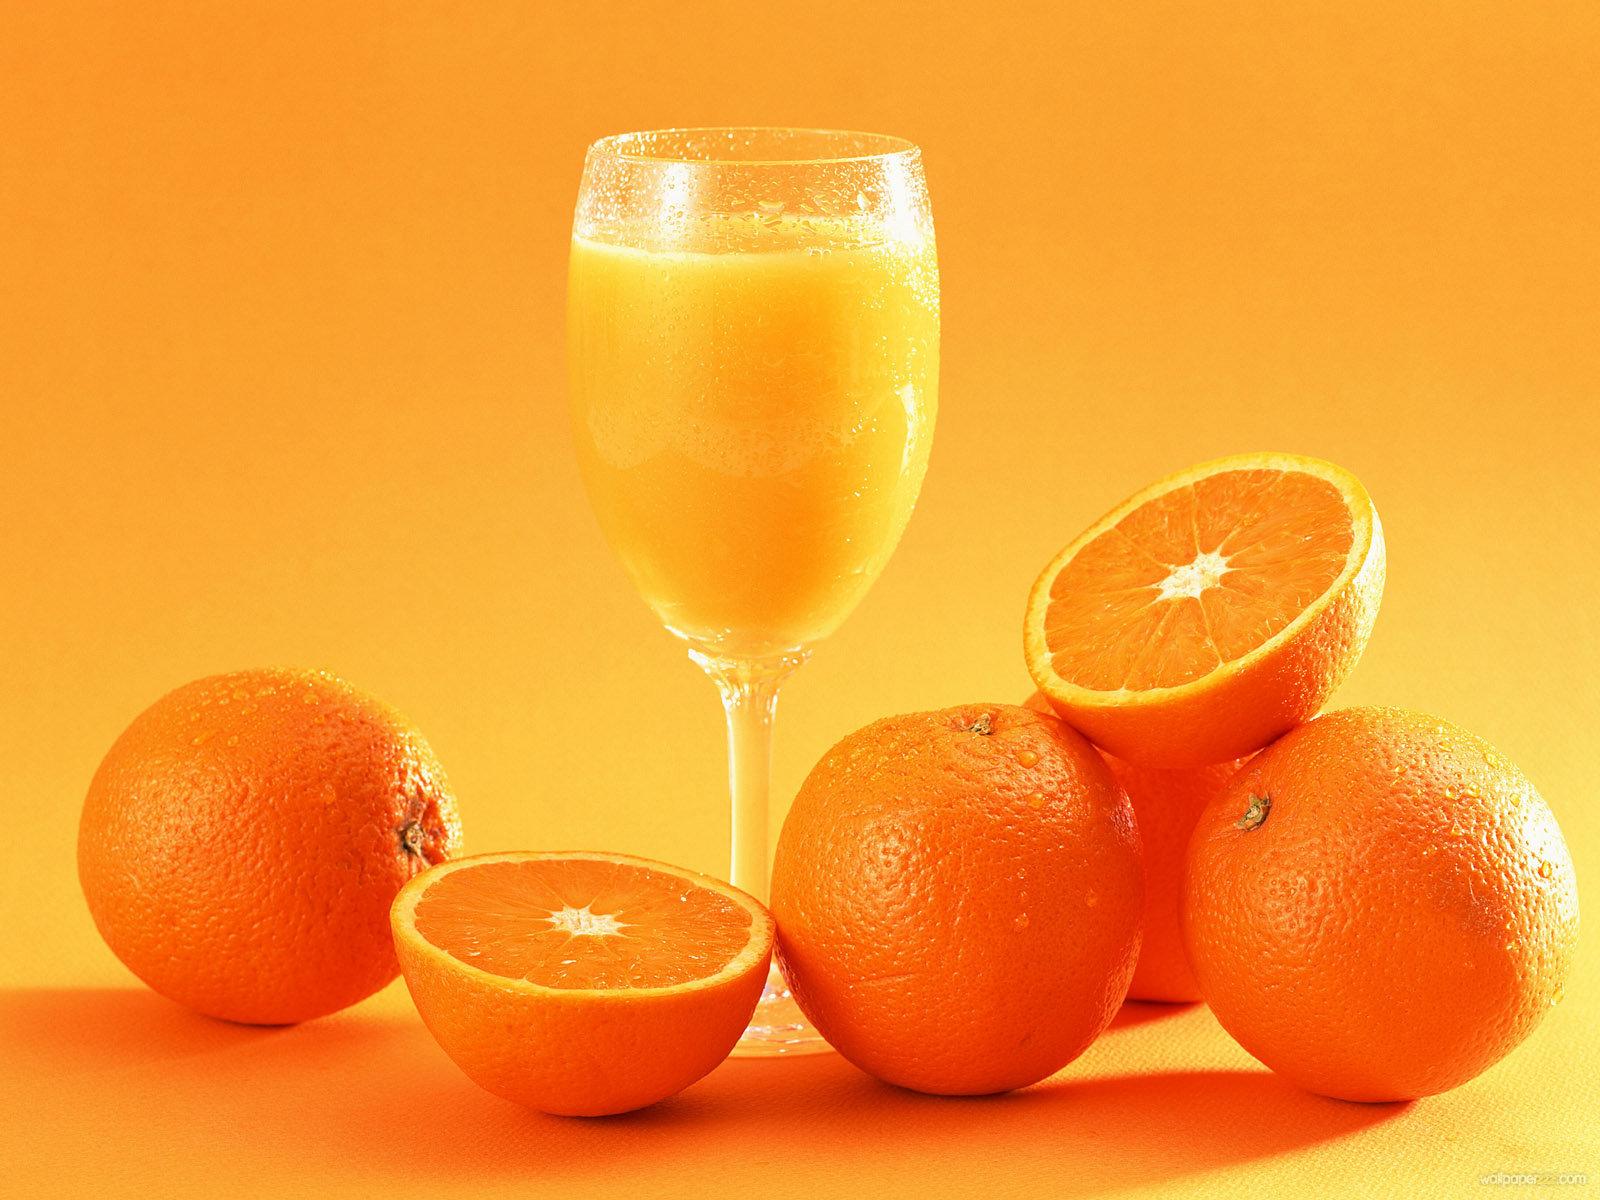 Download Orange Juice And Oranges Wallpaper Wallpaper 1600x1200